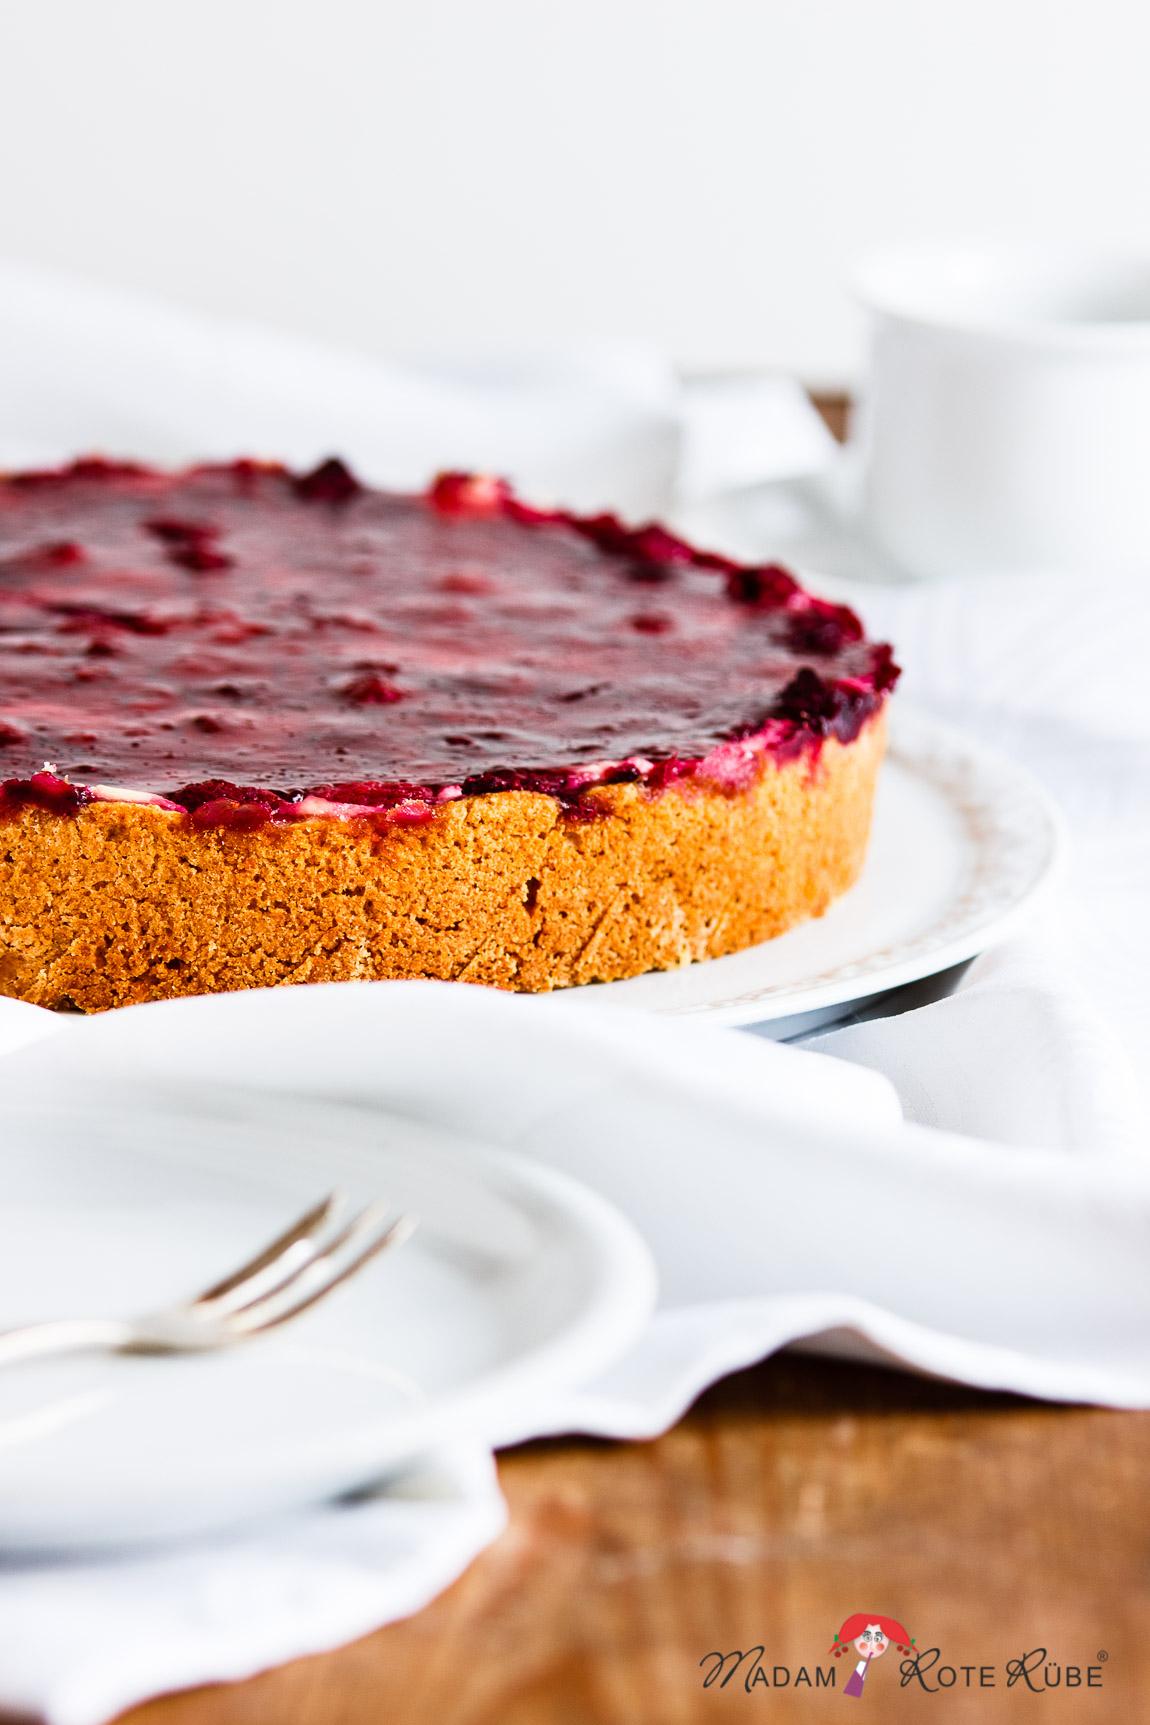 Madam Rote Rübe - Himbeer-Schmand-Kuchen mit Hirse und Dinkelvollkorn